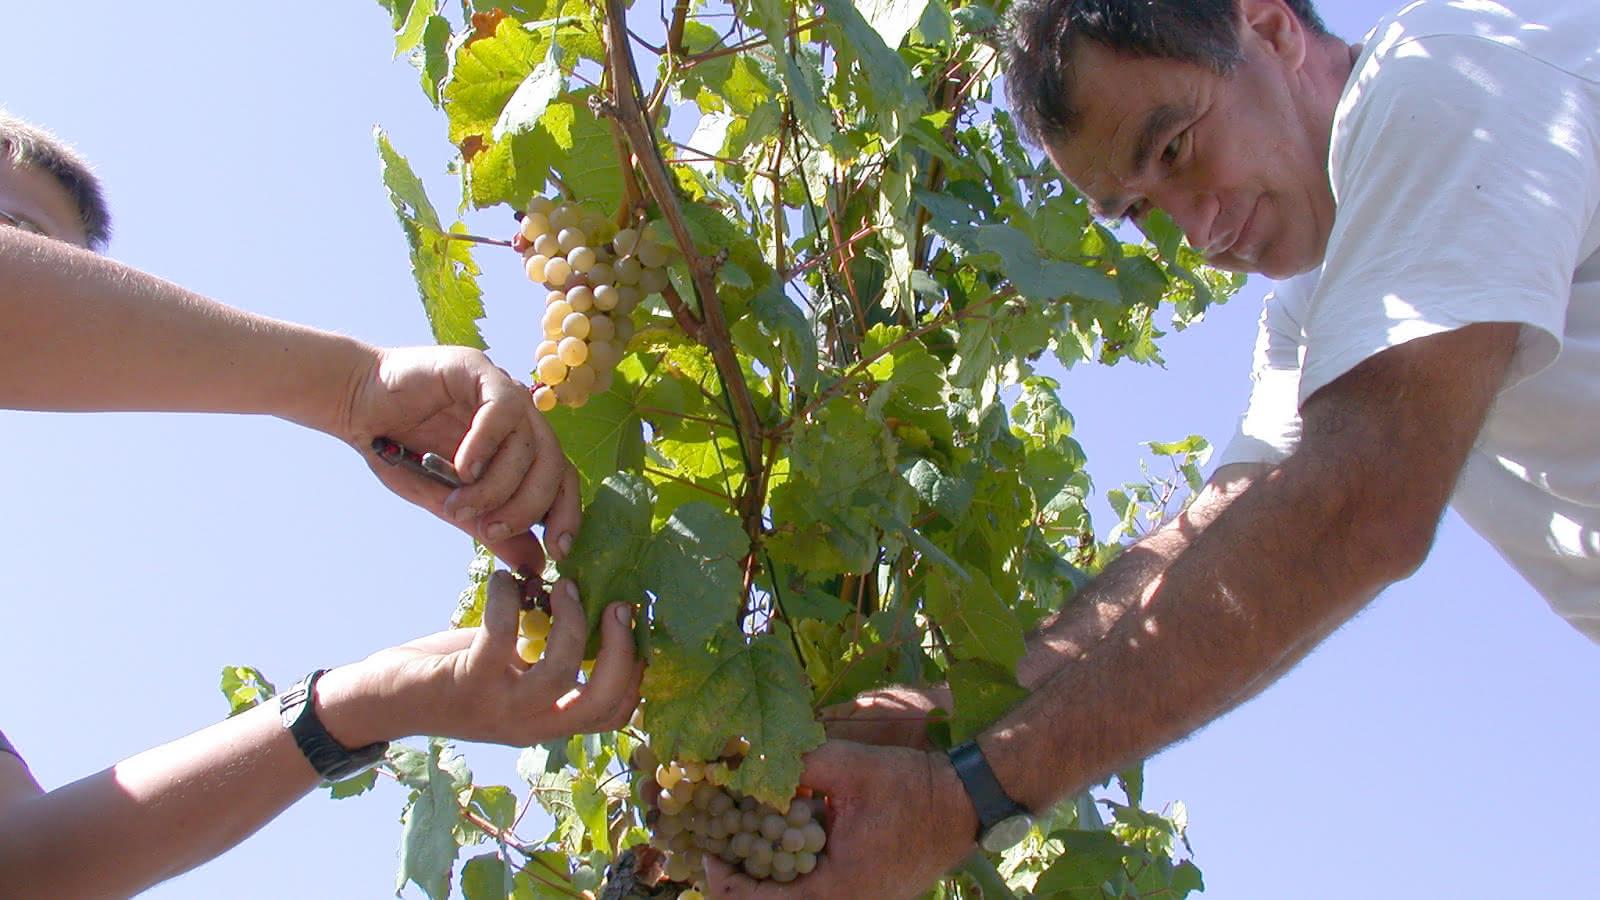 Producteurs de l'AOC Cour-Cheverny - Cépage Romorantin ©Domaine des Huards